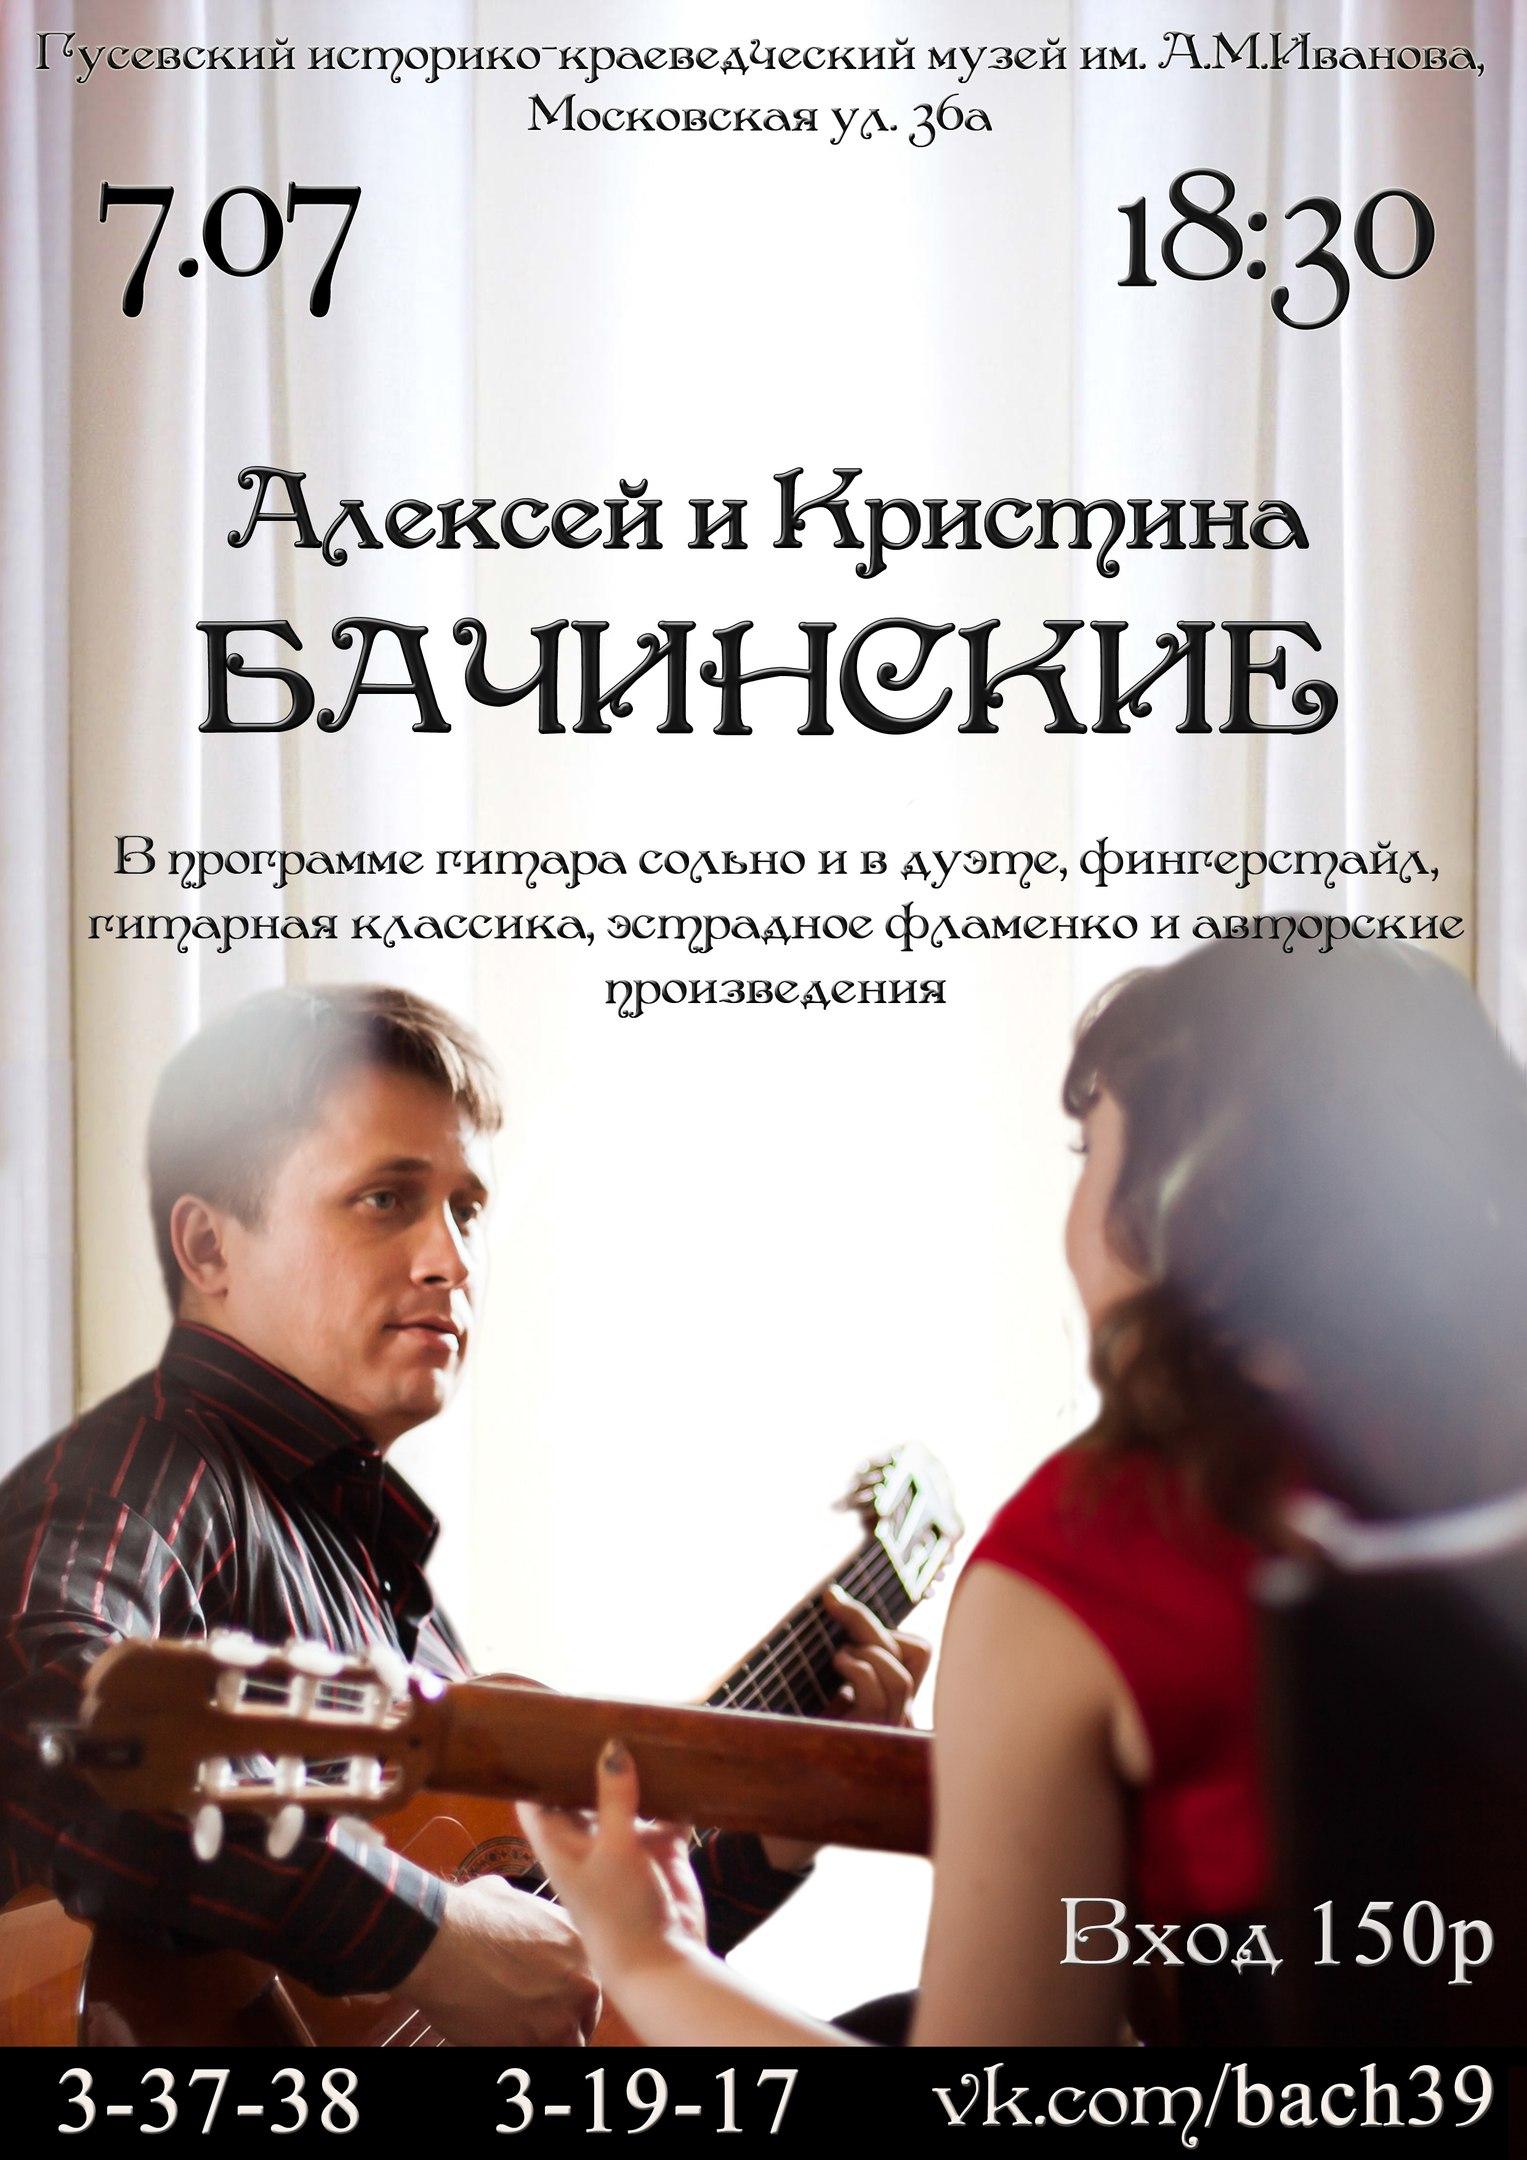 В Гусевском музее пройдет выступление Алексея и Кристины Бачинских